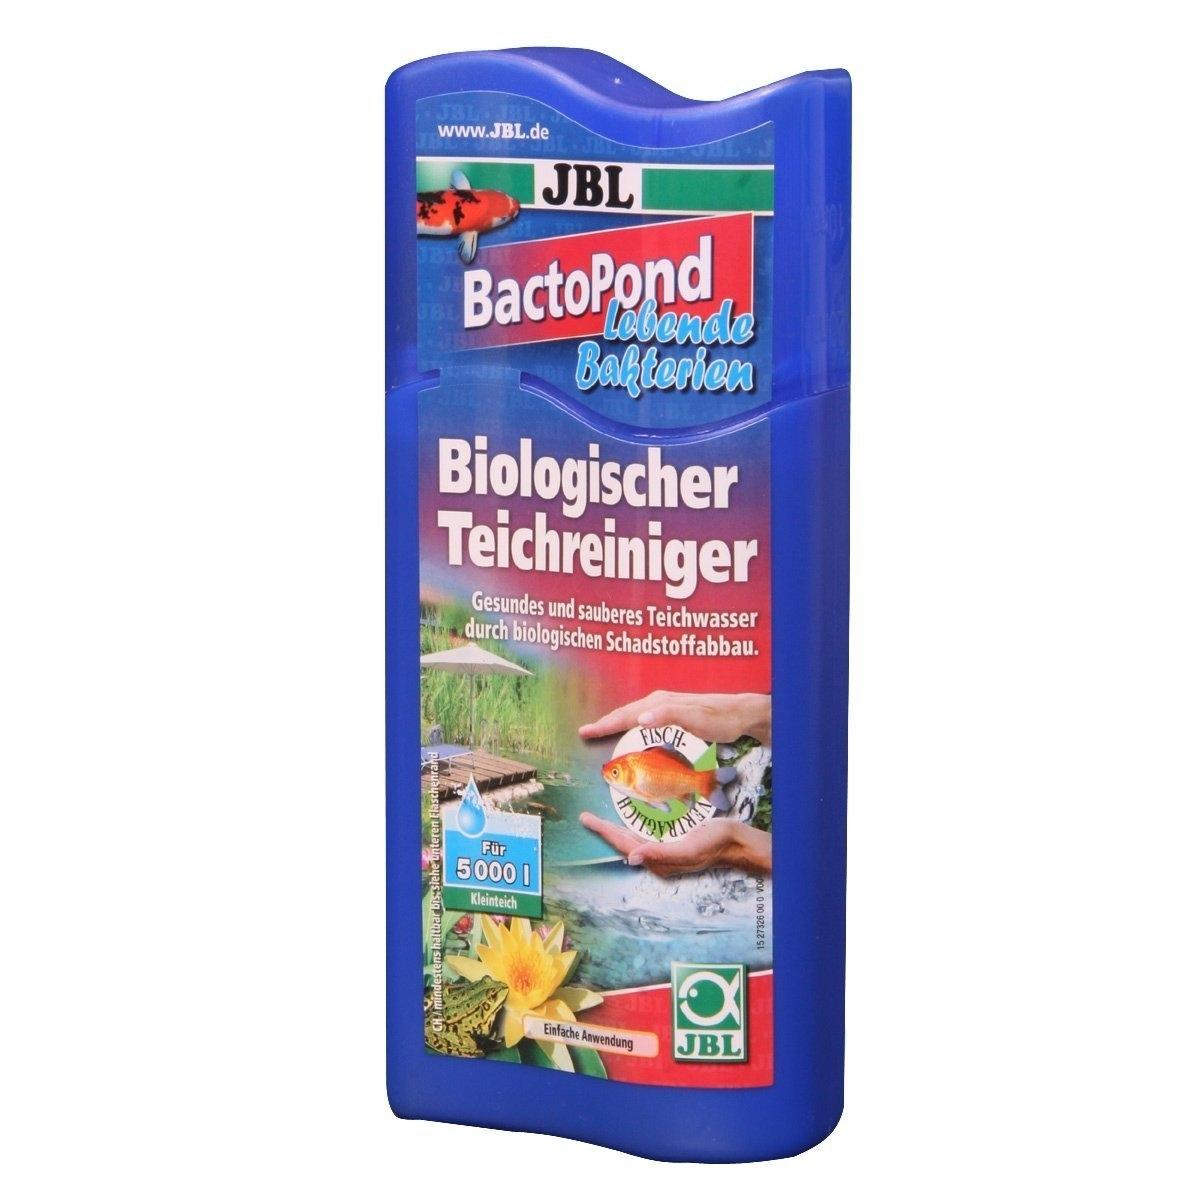 JBL BactoPond Bakterien zur Selbstreinigung vom Teich, 250 ml